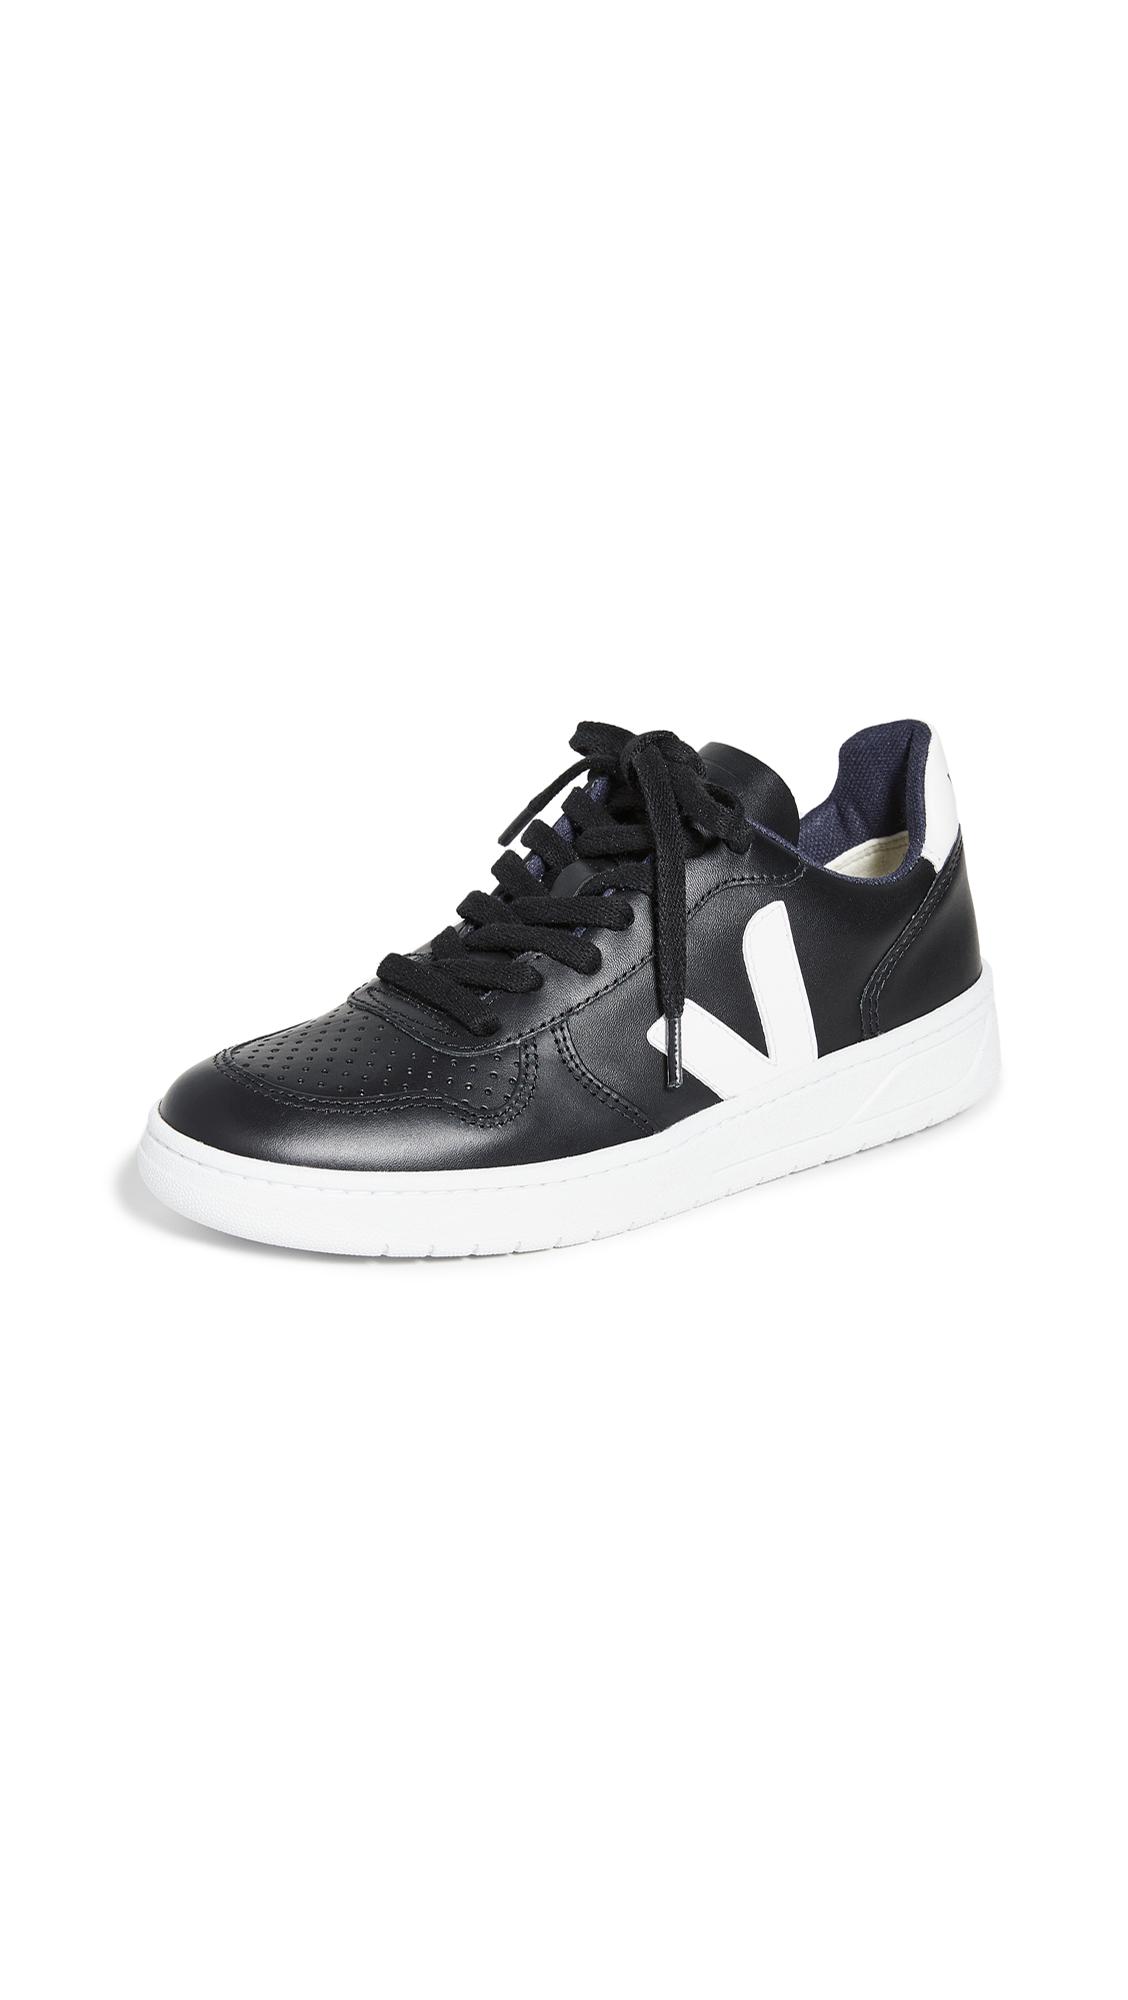 8f73f6e4f8c Women's Esplar Low-Top Leather Sneakers in Black